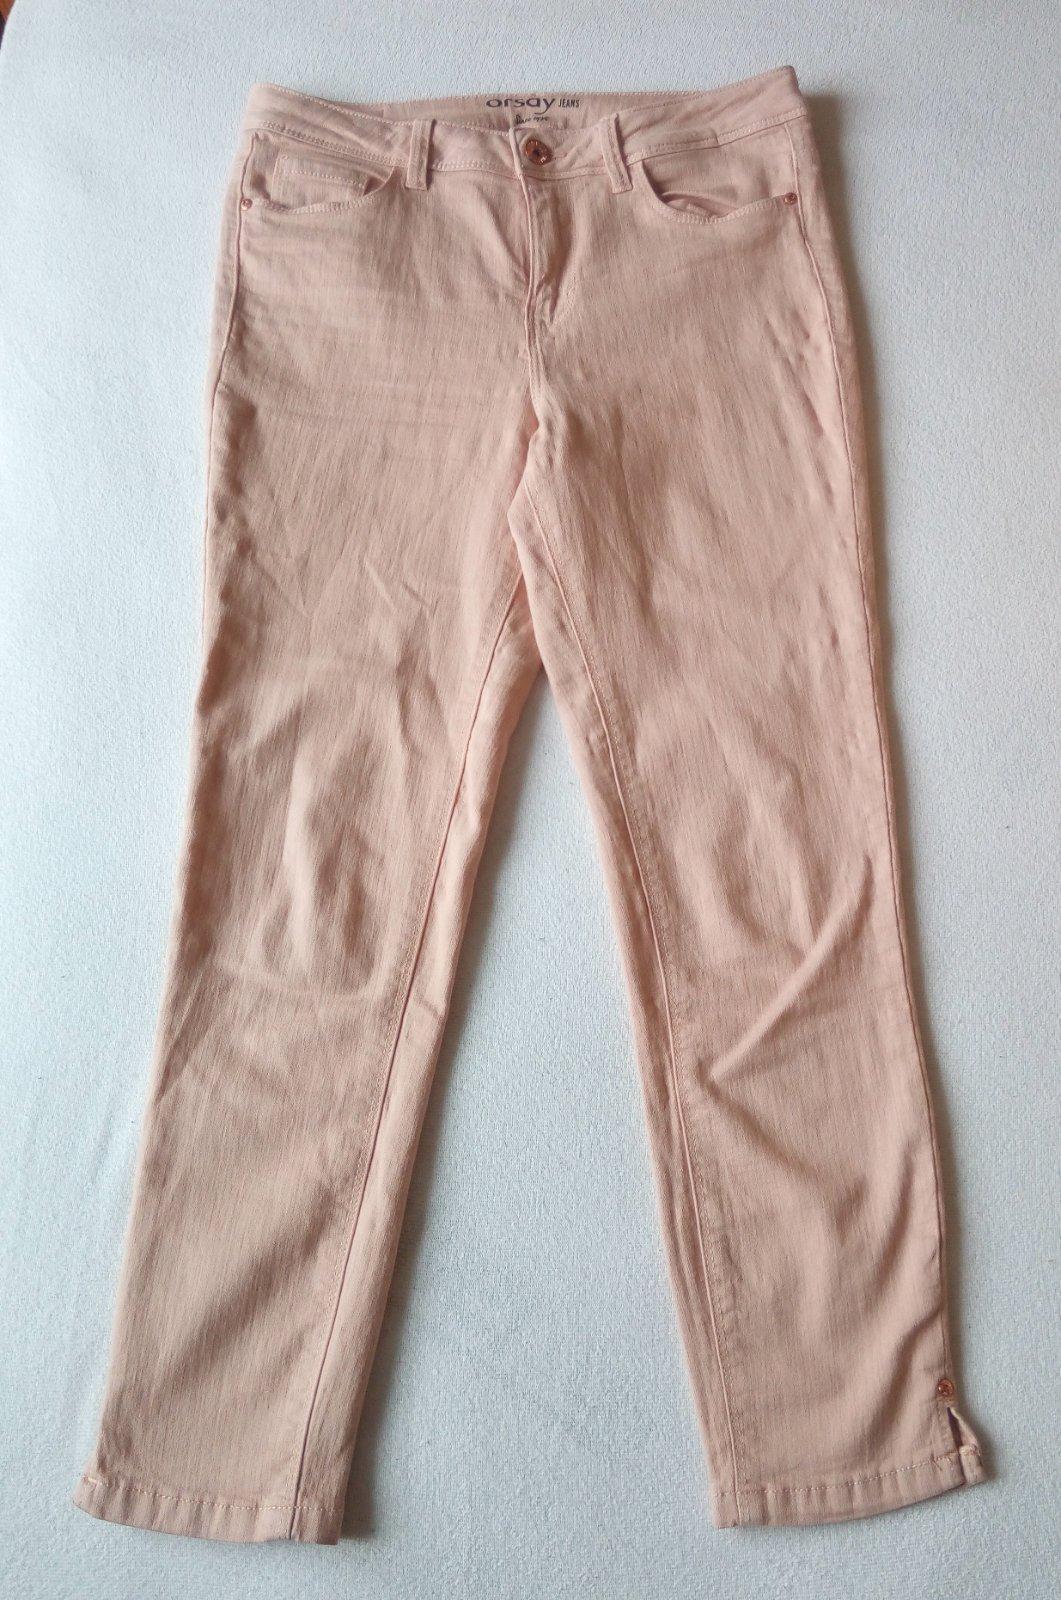 Bledoružové nohavice Orsay S - Obrázok č. 1